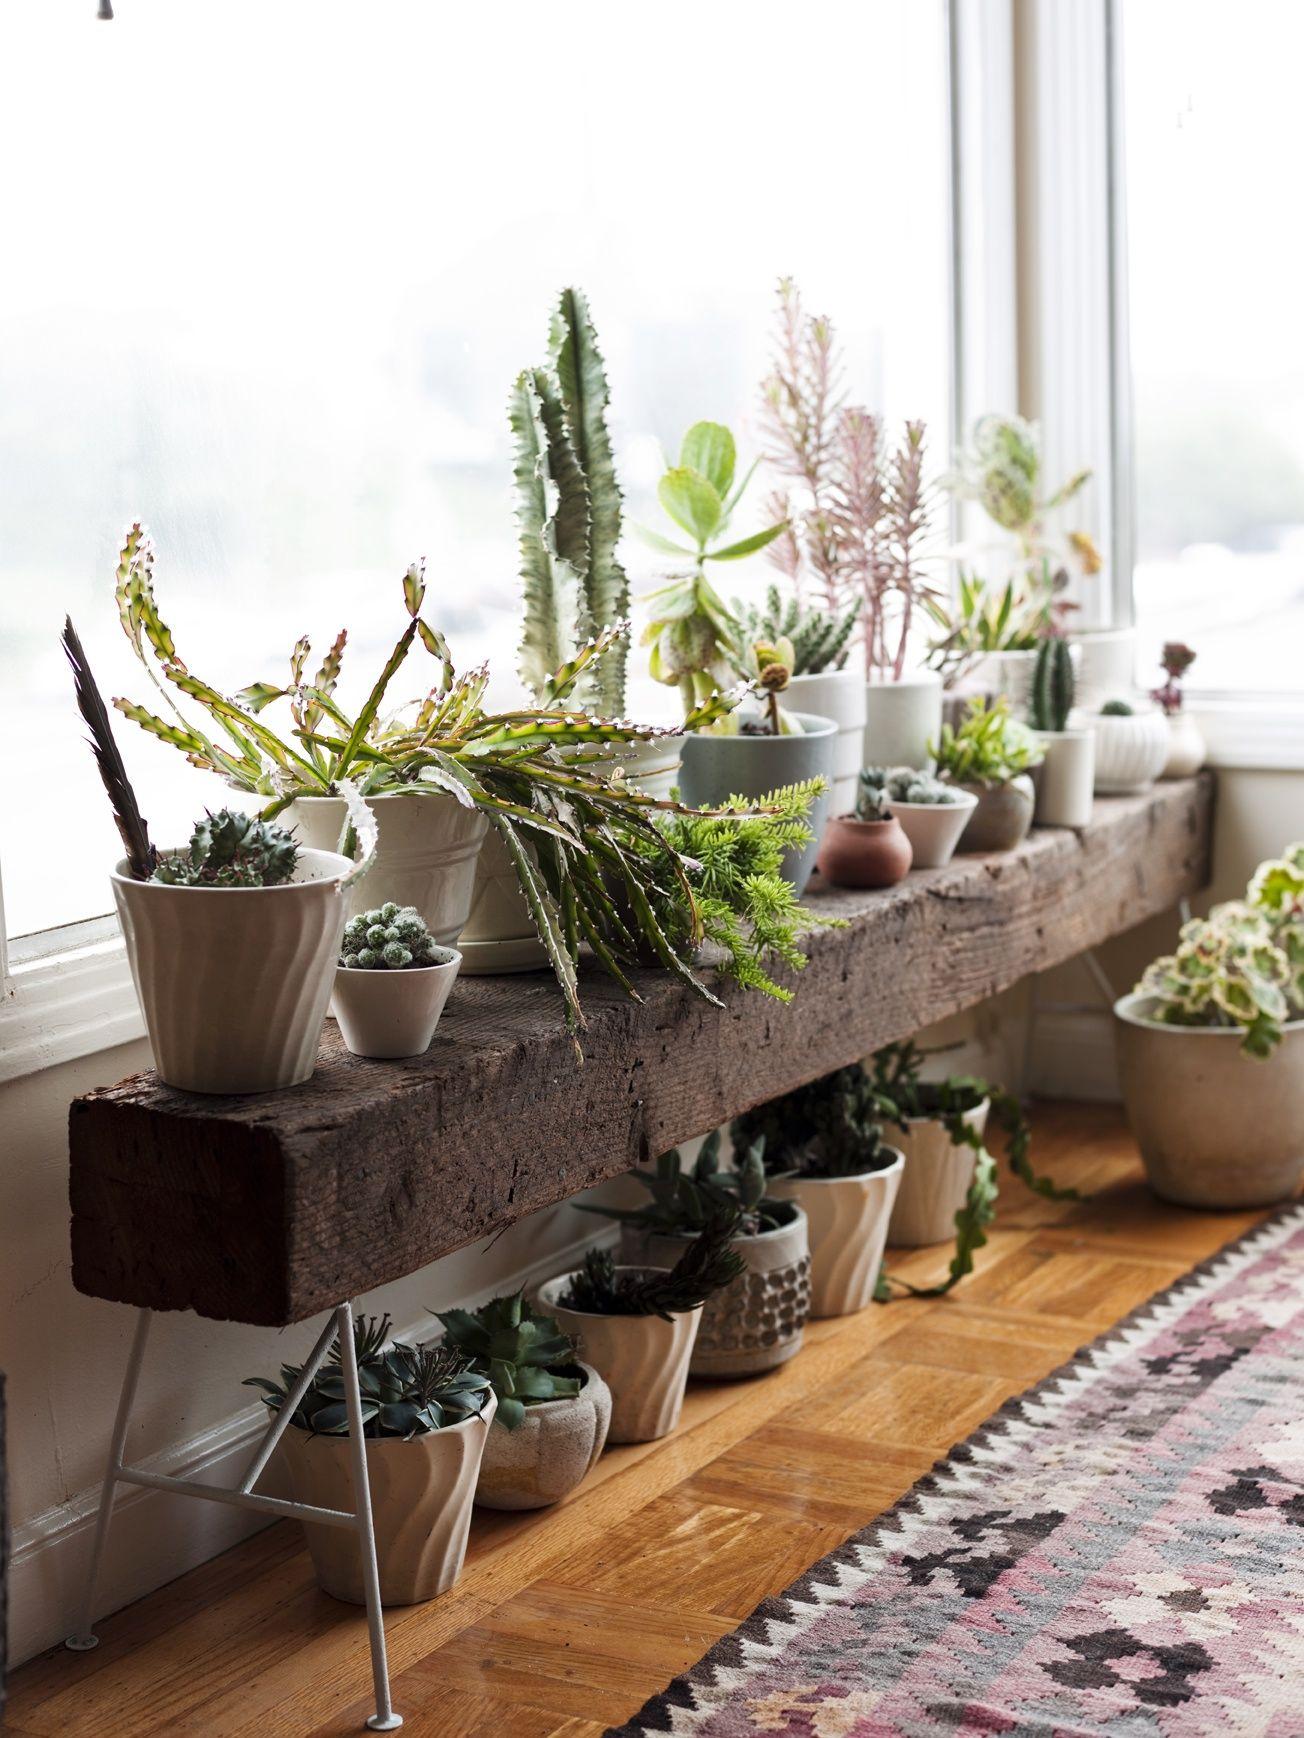 Ý tưởng điểm tô phòng khách cực xinh nhờ trang trí khung cửa sổ - Ảnh 2.